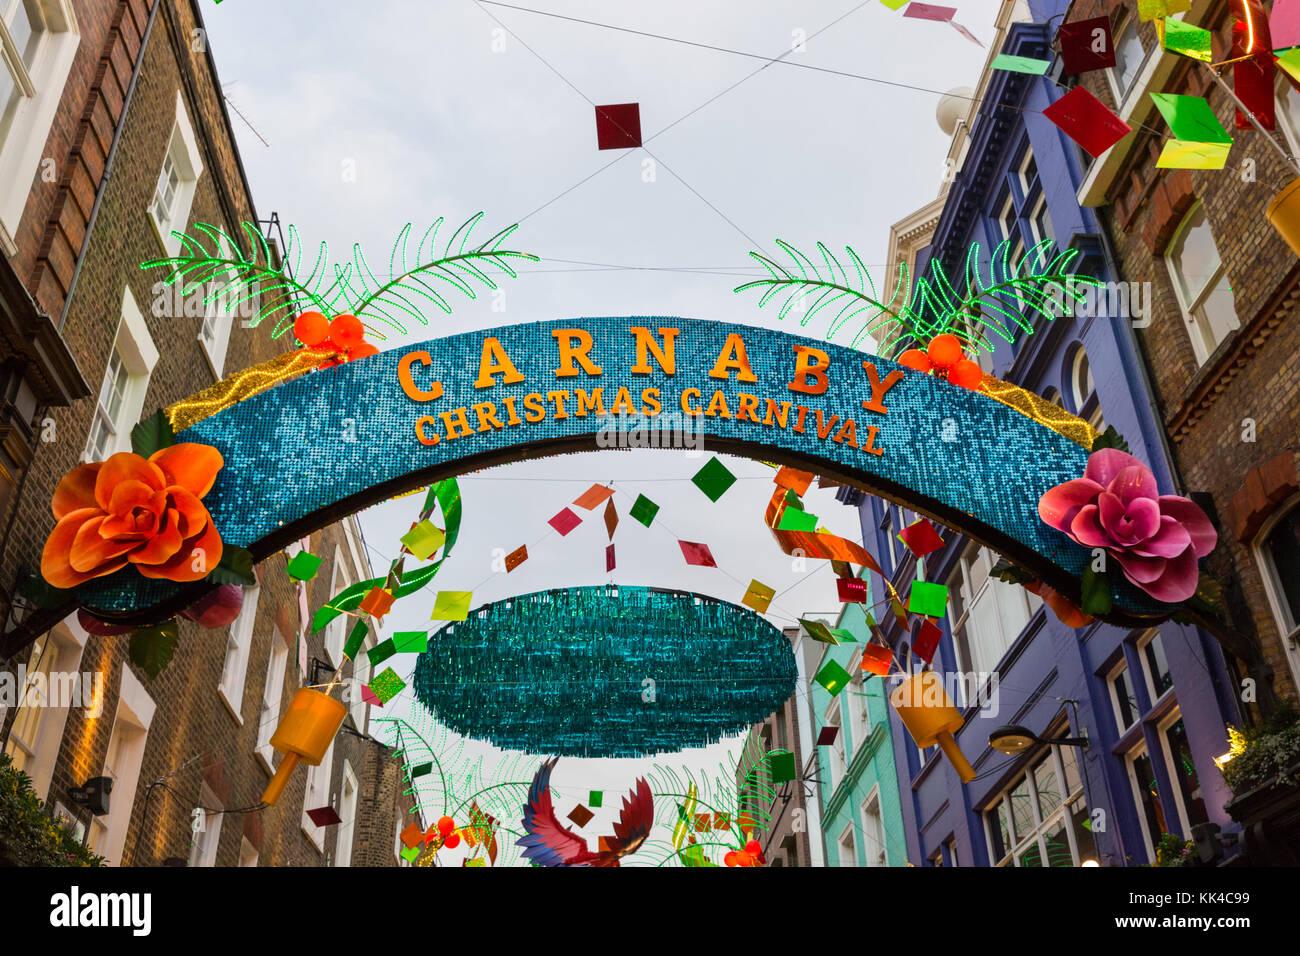 Sur le thème du carnaval de Noël lumières de Noël 2017 à Carnaby Street, Londres Photo Stock